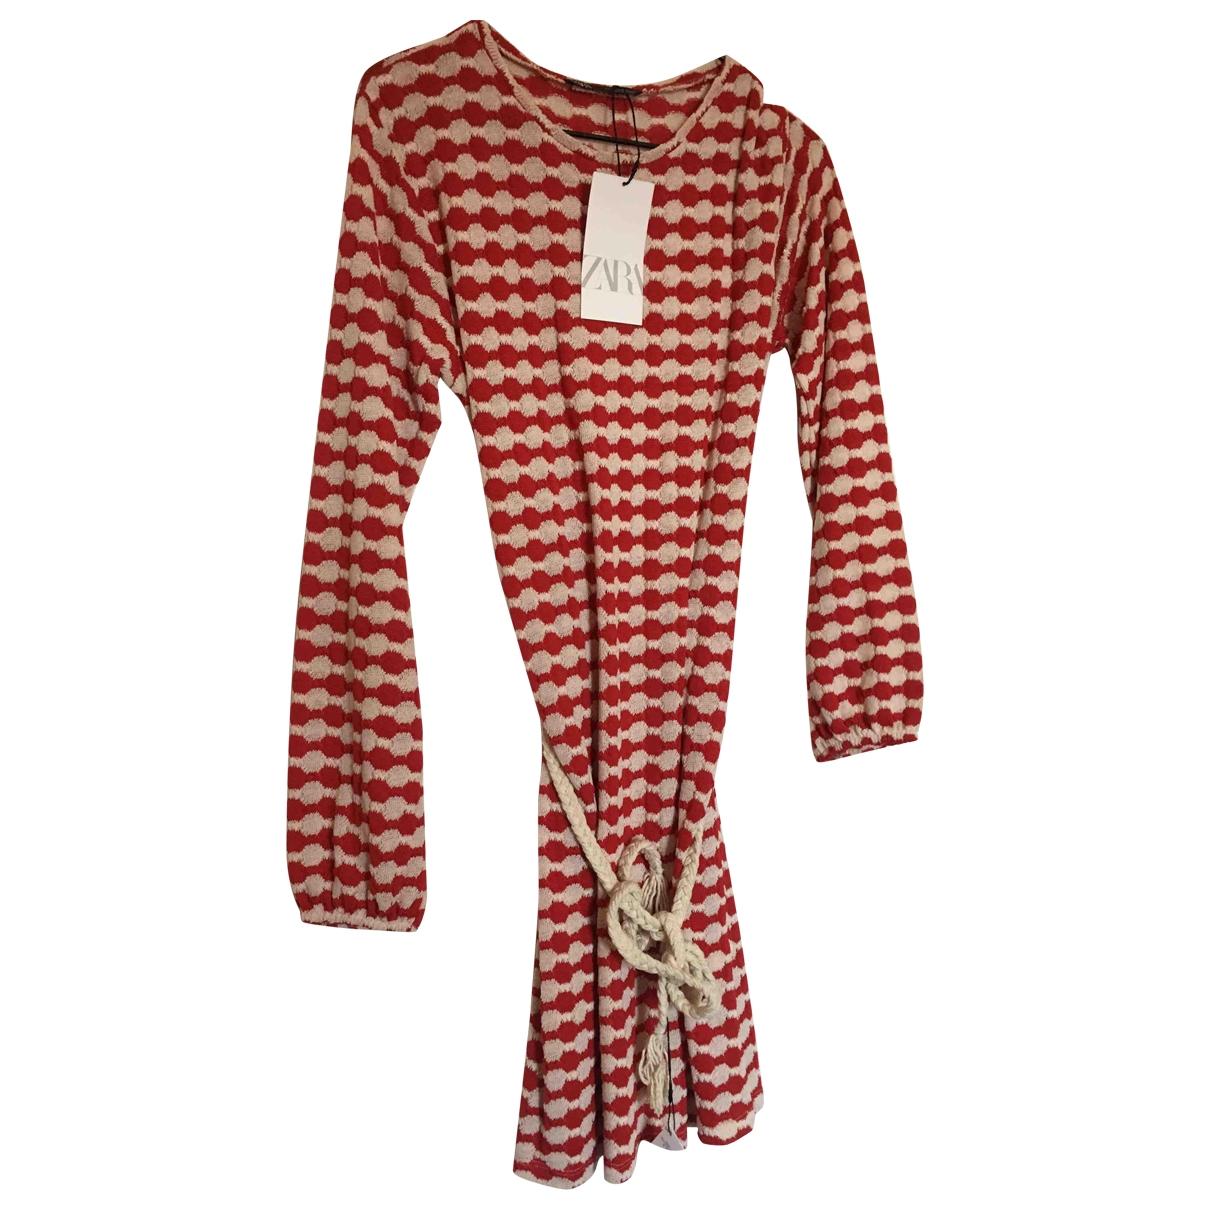 Zara - Robe   pour femme en coton - elasthane - multicolore